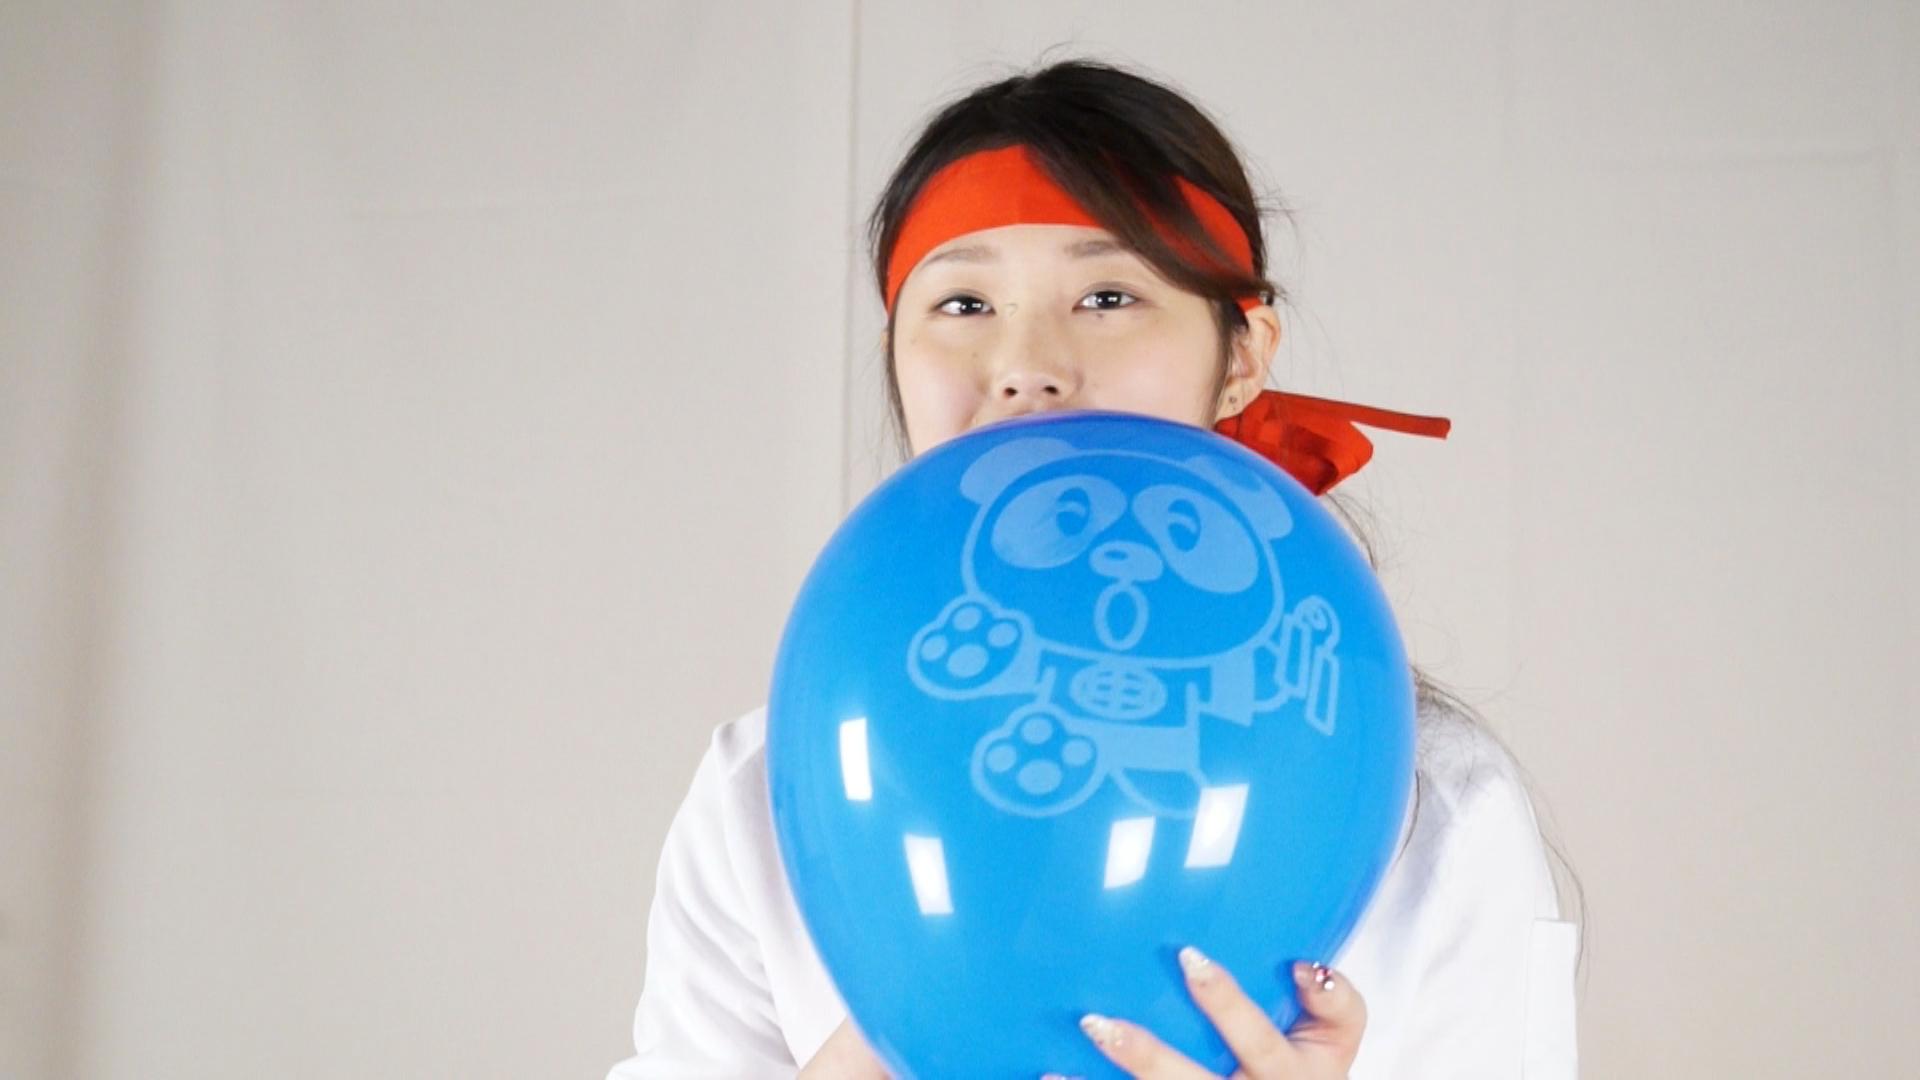 貴方に魅せたい私の風船プレイバックオナニー サンプル画像03